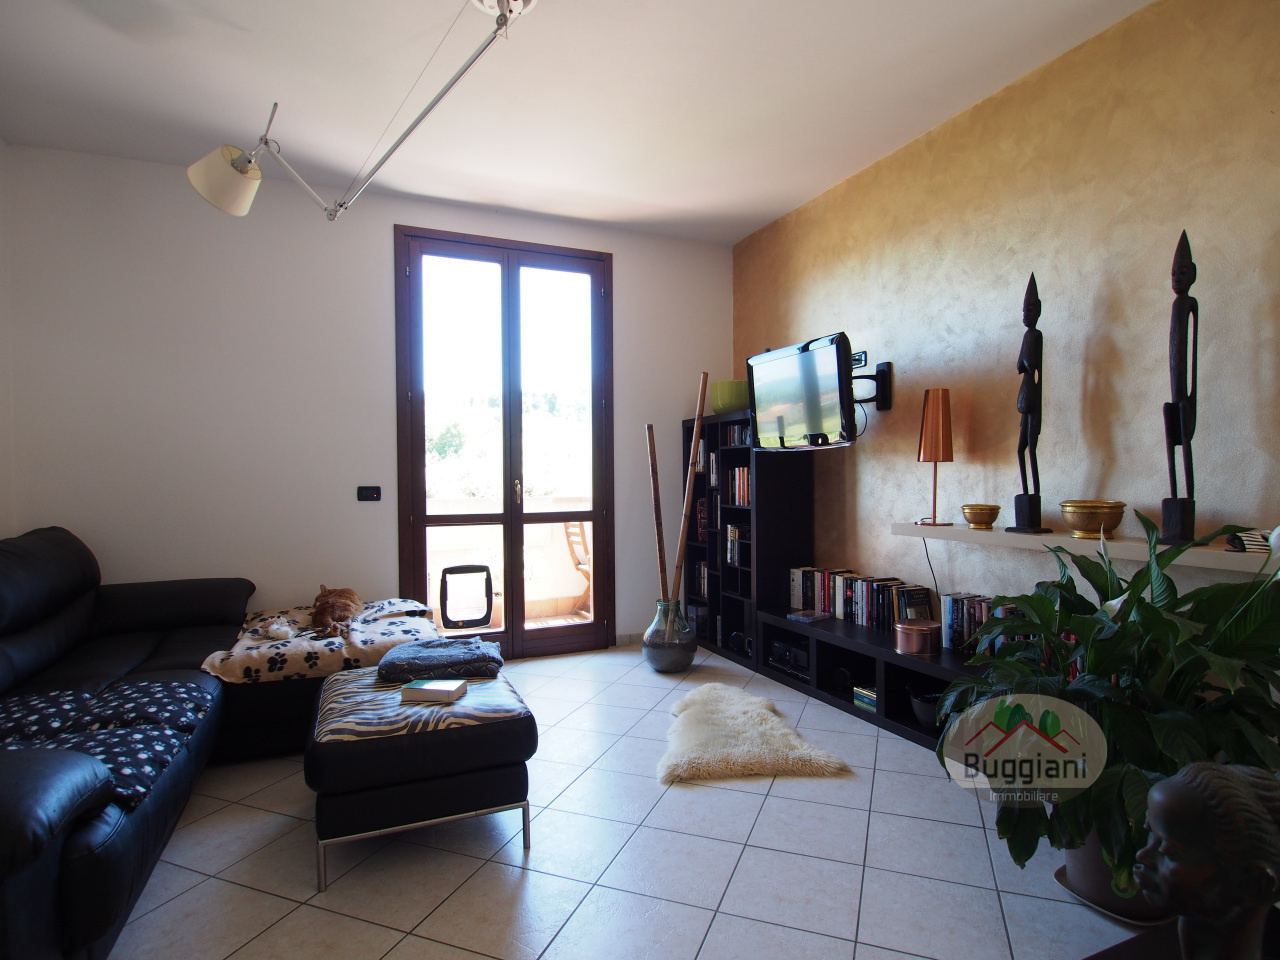 Appartamento in vendita RIF. 1038, San Miniato (PI)